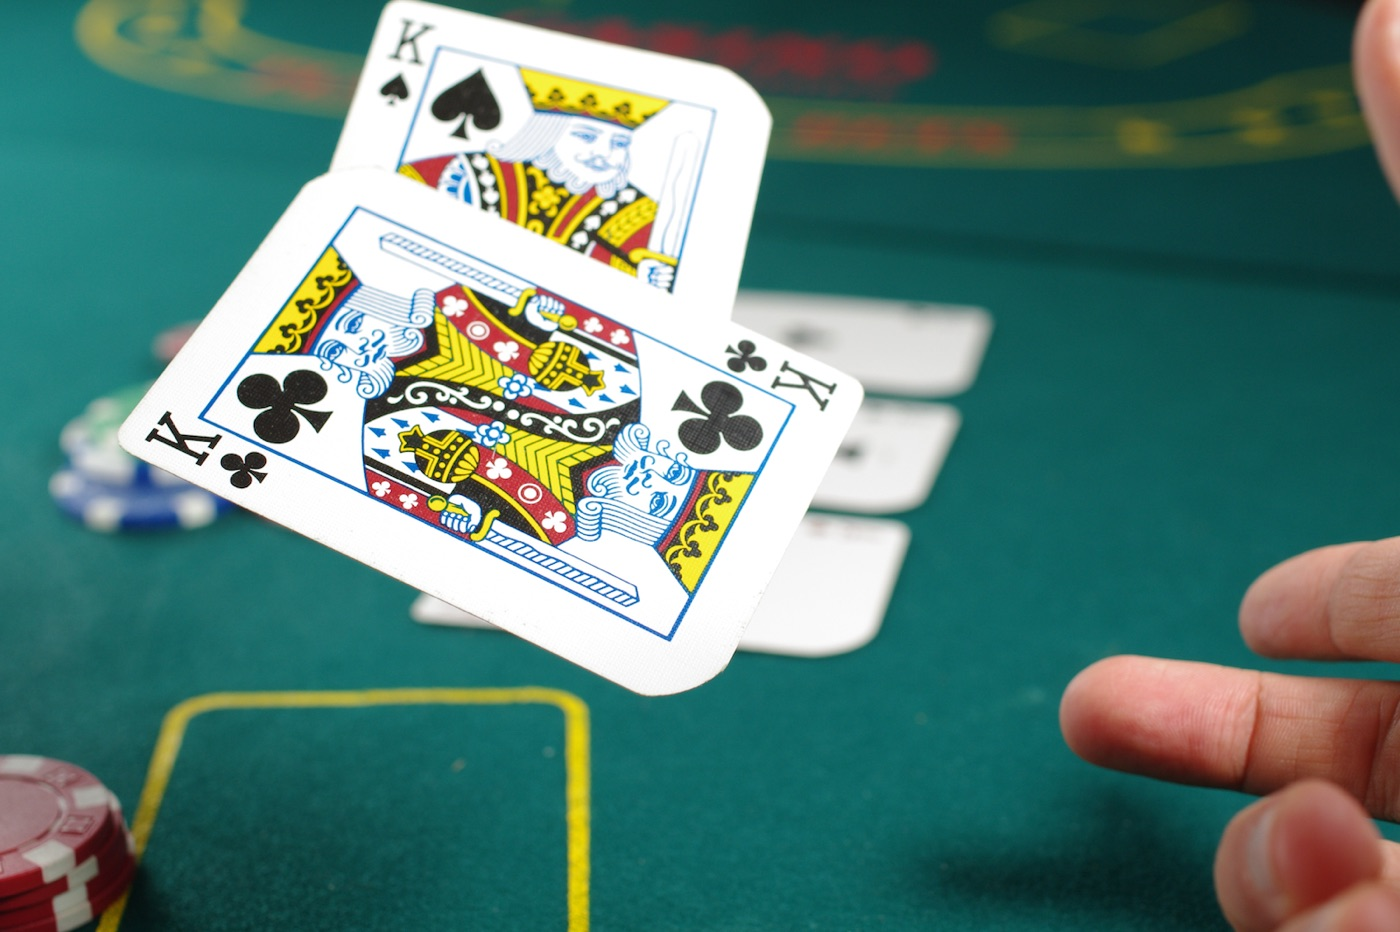 Historique : Apple met à jour son seul jeu iOS, Texas Hold'em (màj) 1